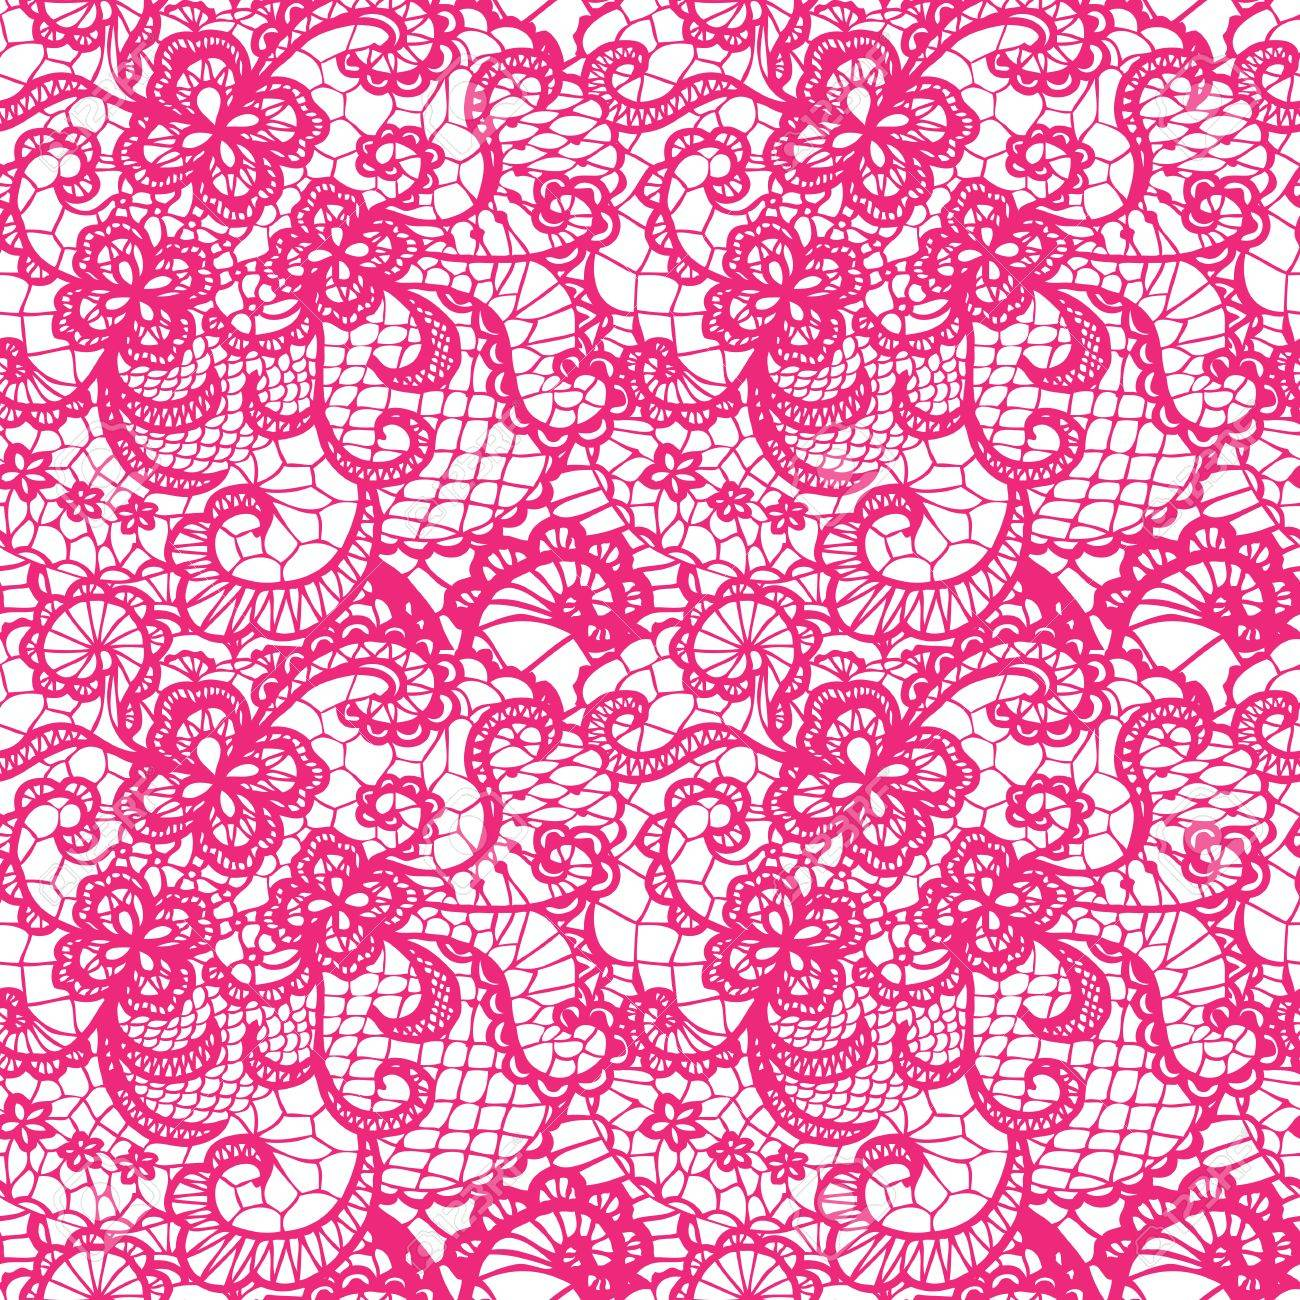 Encaje Rosa Sin Patrón Con Flores Sobre Fondo Blanco Ilustraciones ...